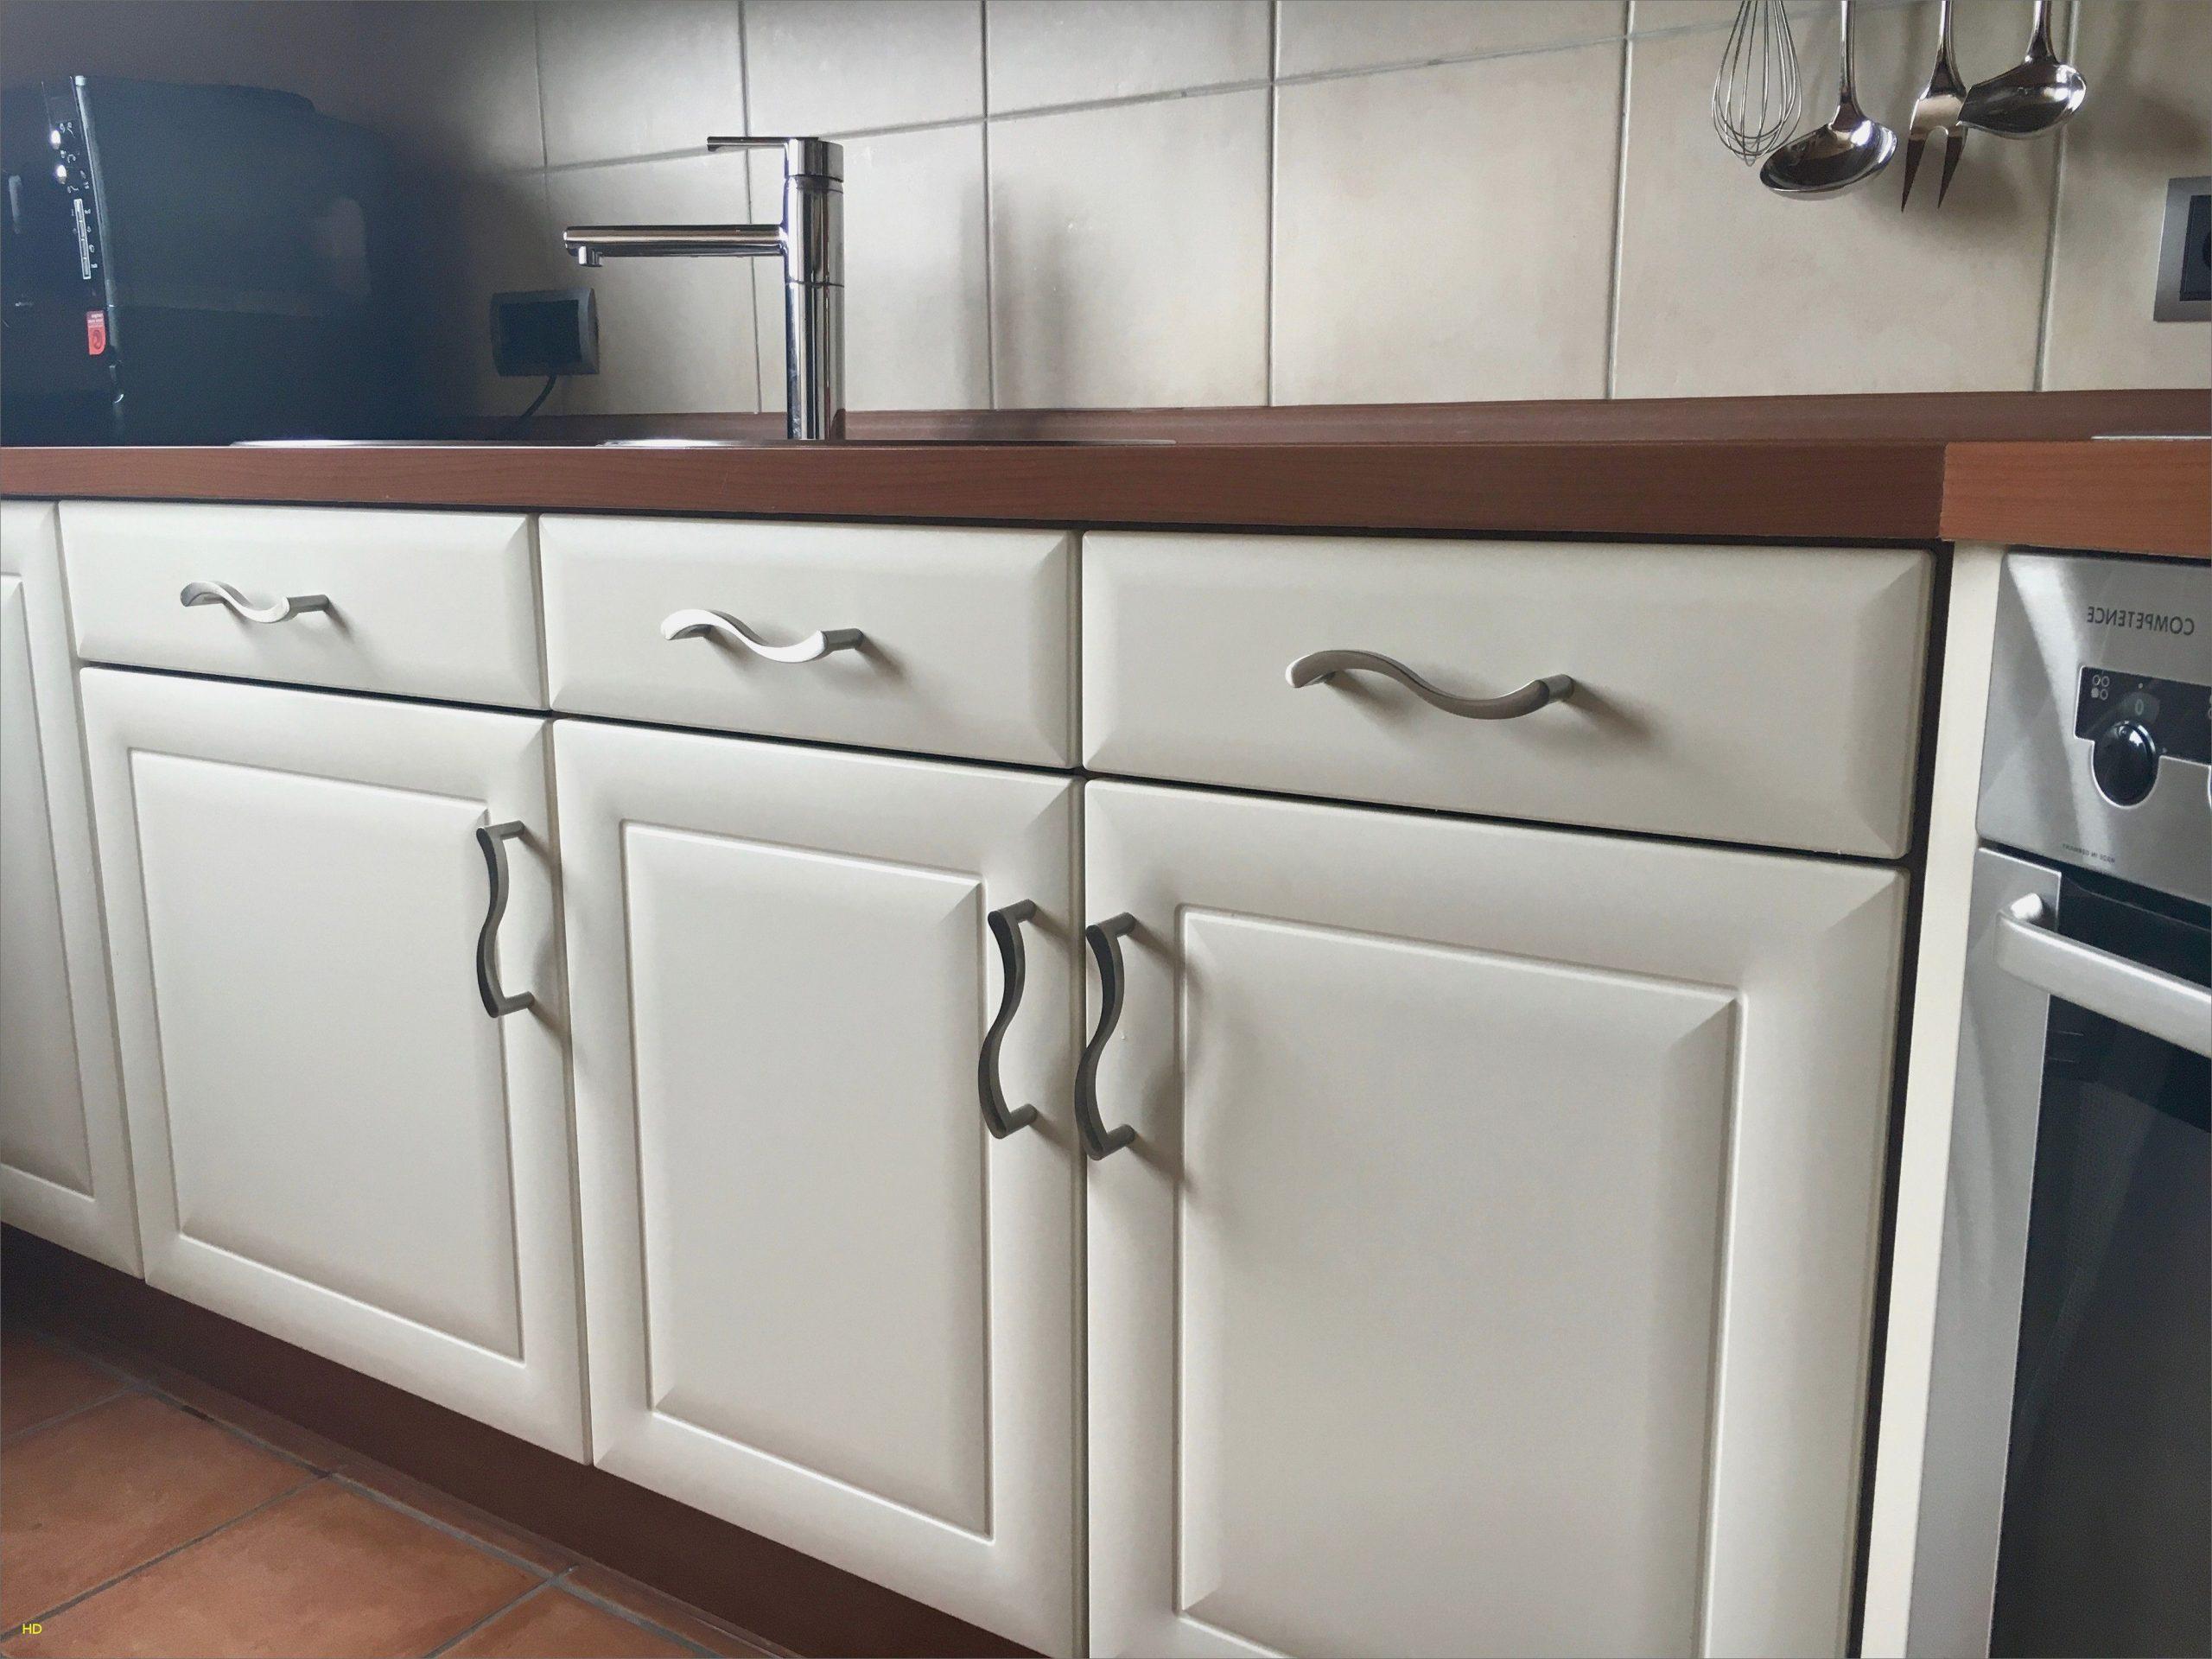 Full Size of Roller Küchen Kchen Bei Splbecken Unterschrank Nobilia Regal Regale Wohnzimmer Roller Küchen